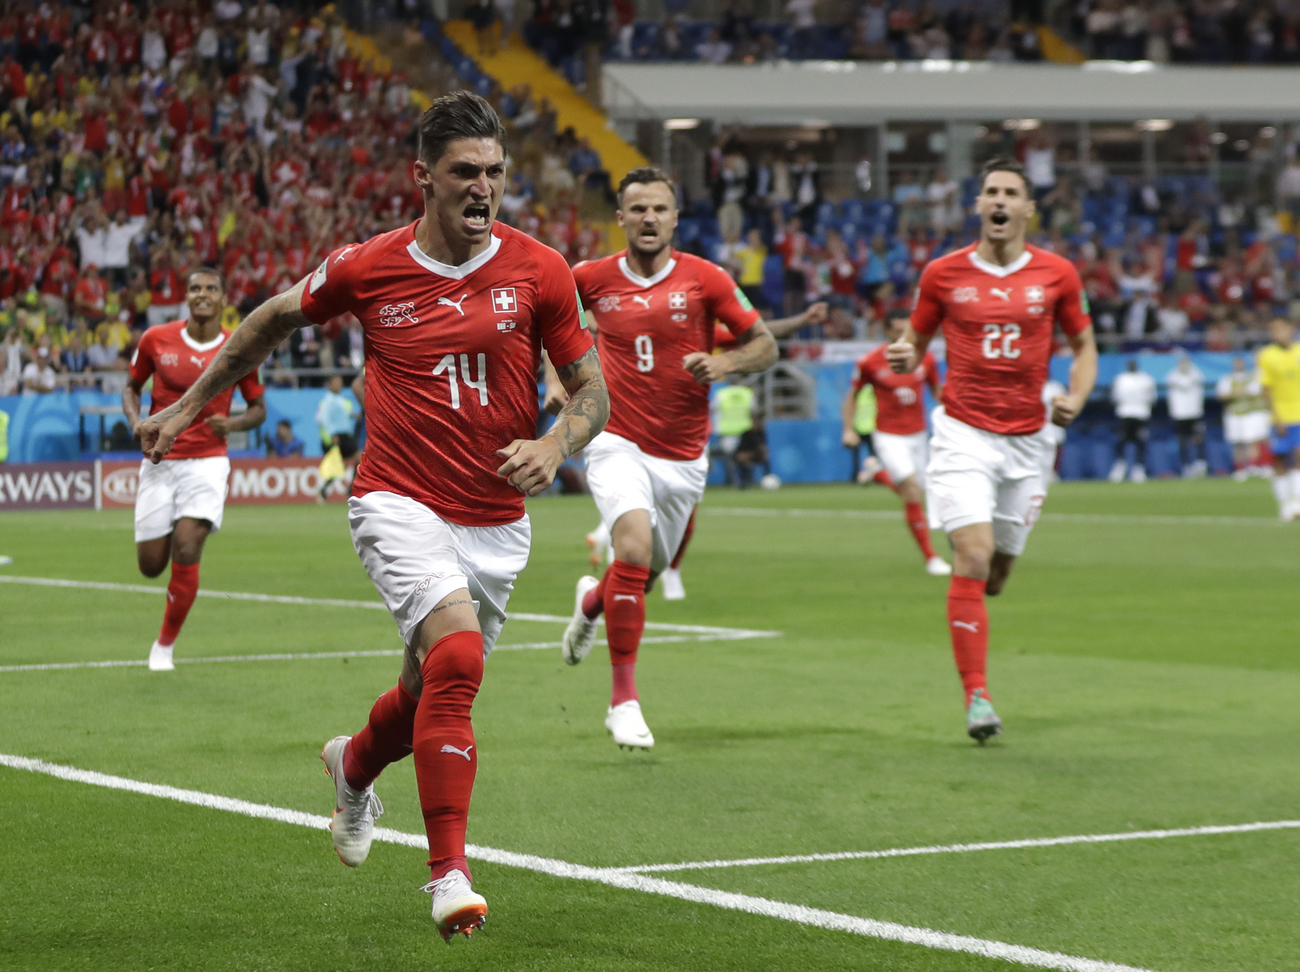 Regardez le match en direct (Mondial 2018) — Brésil Vs Suisse